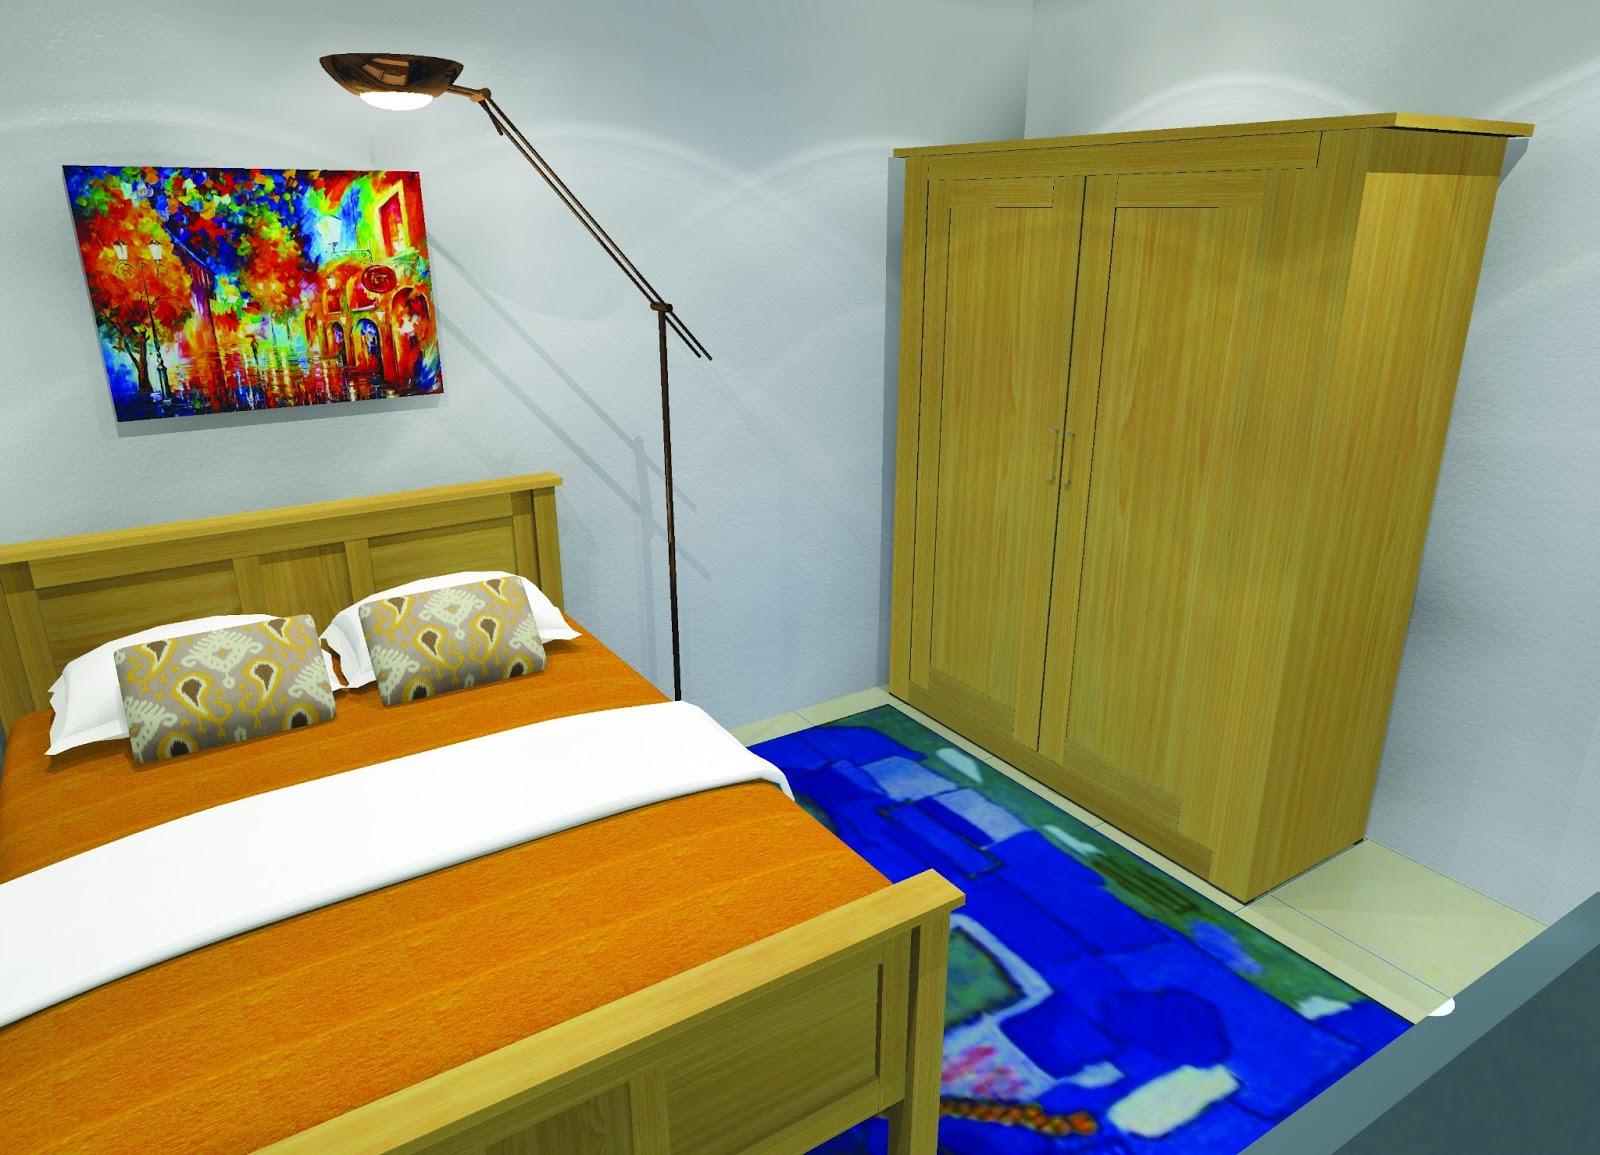 Anjung Seri Menempatkan Televisyen Di Bilik Sempit Hiasan Tidur Idea Dan Susun Atur